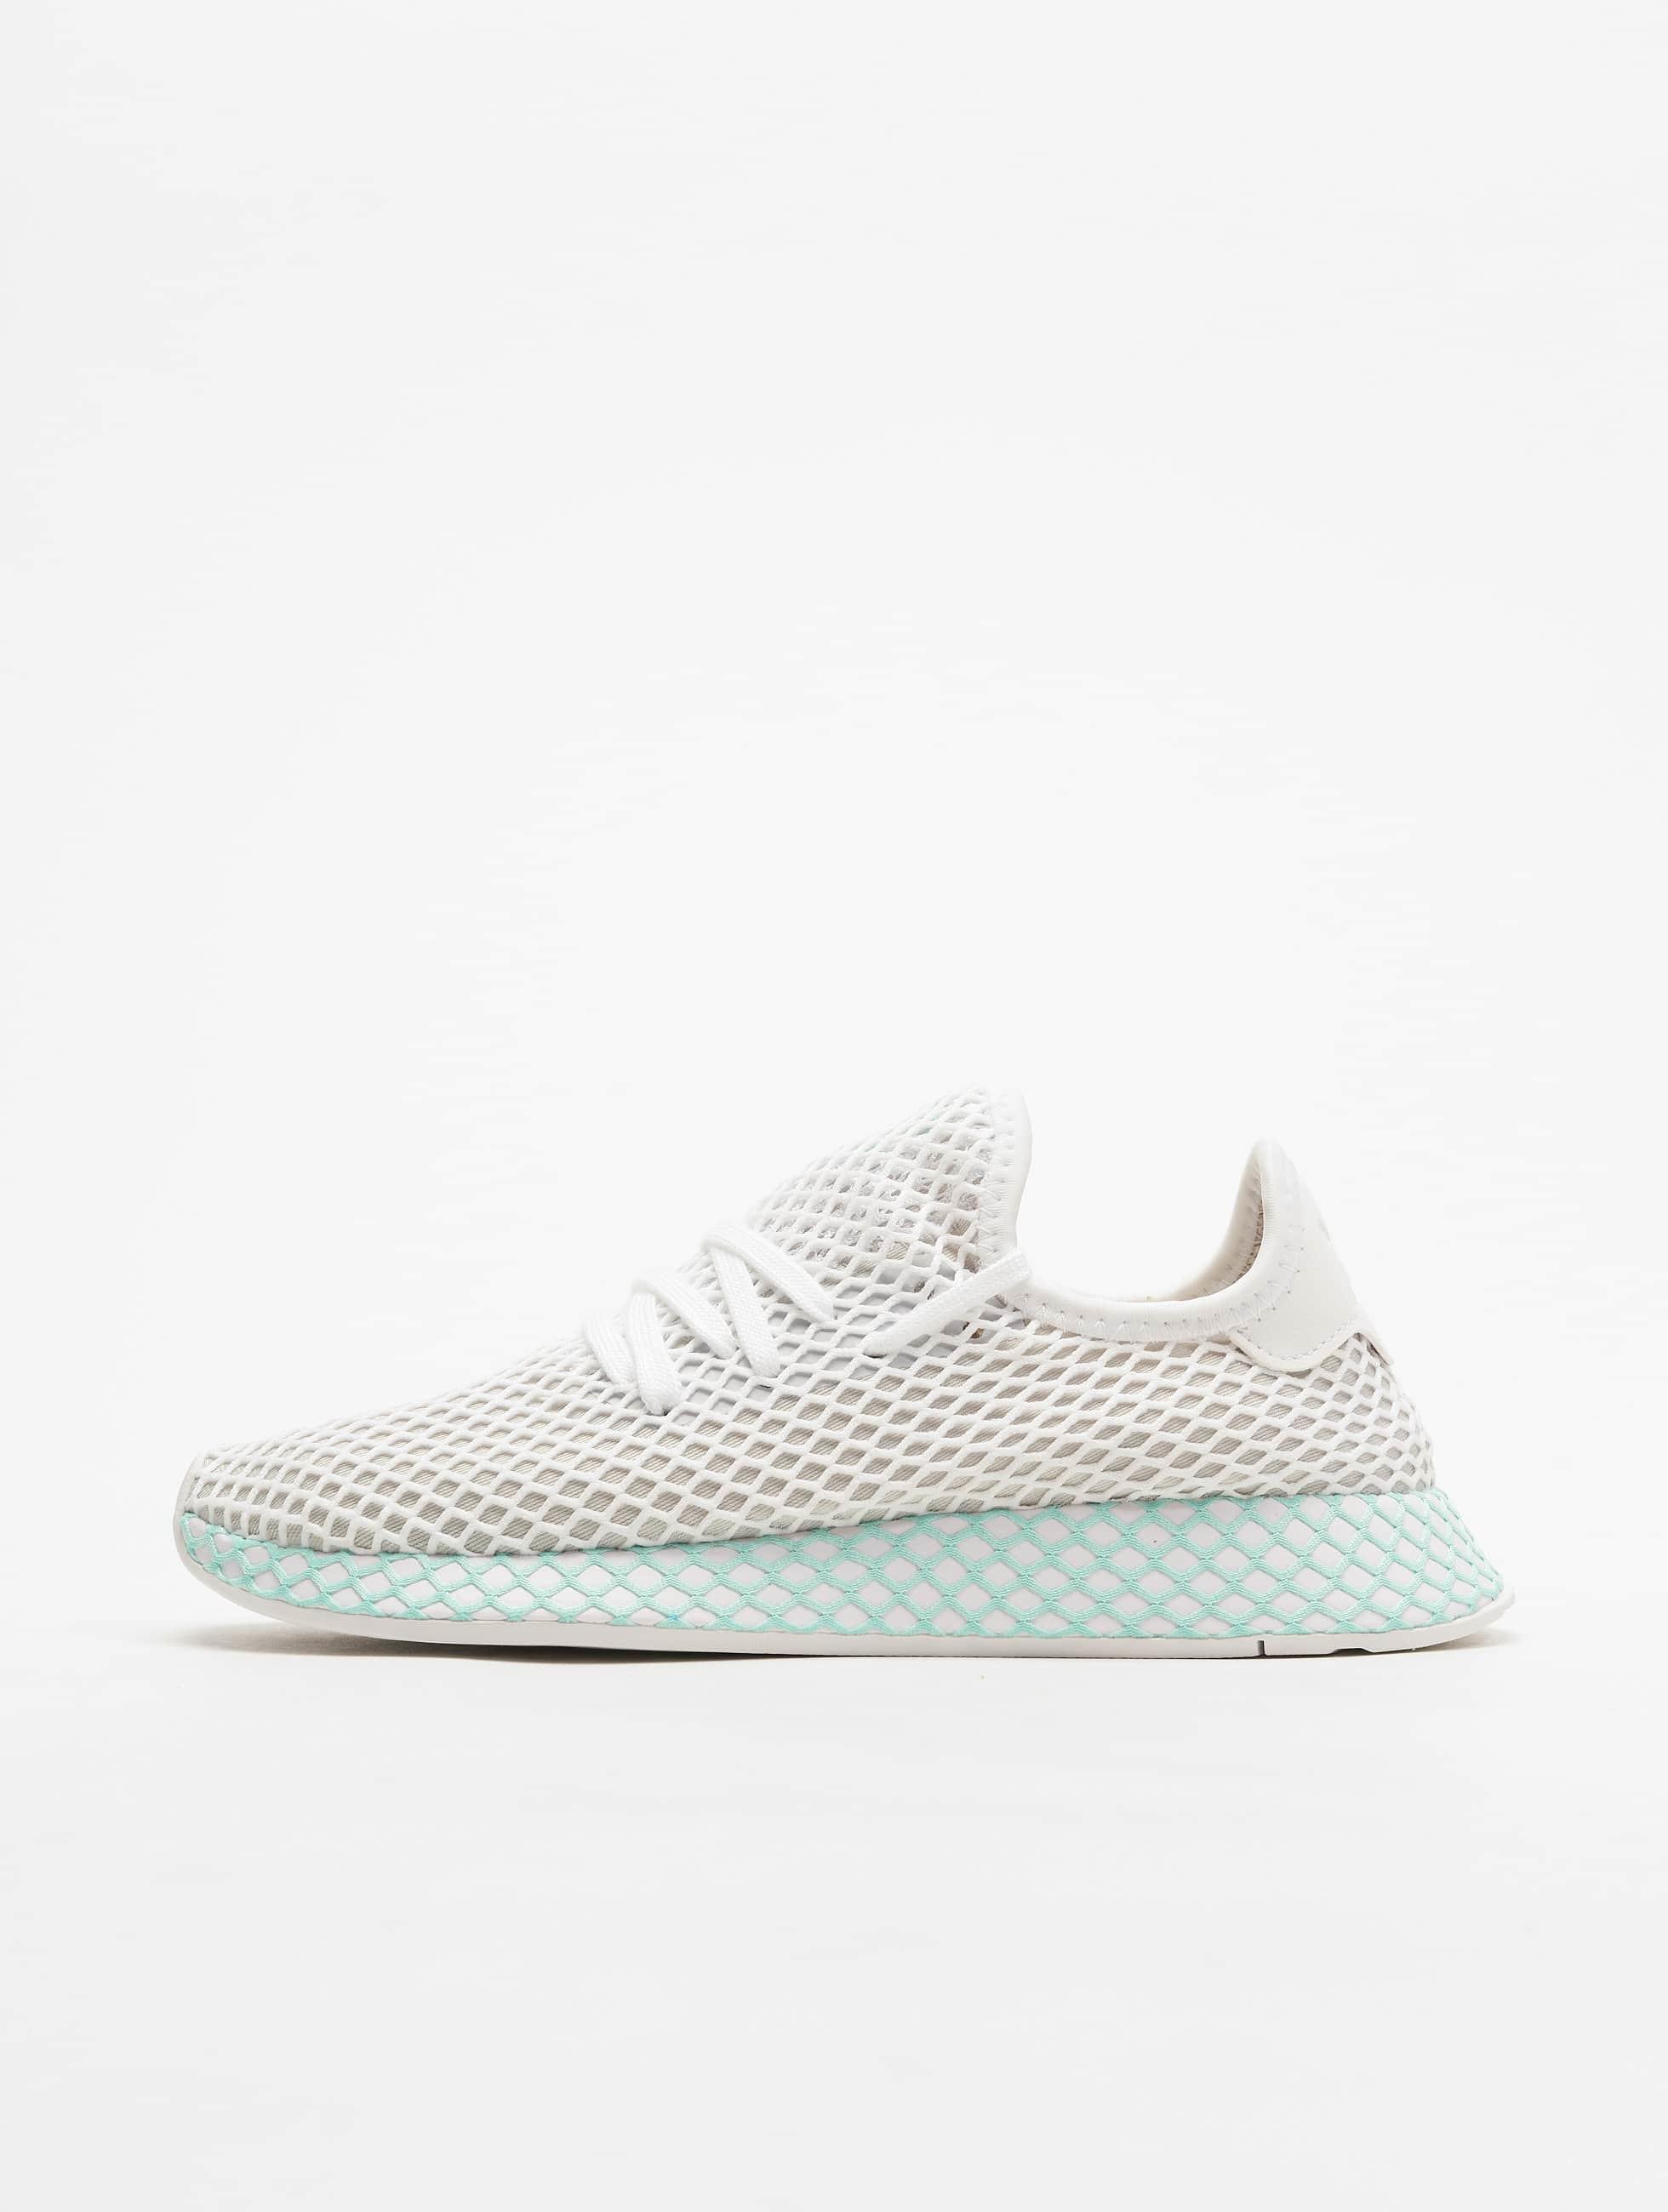 Adidas Originals Deerupt Runner Sneakers Ftw WhiteGrey OneClear Mint